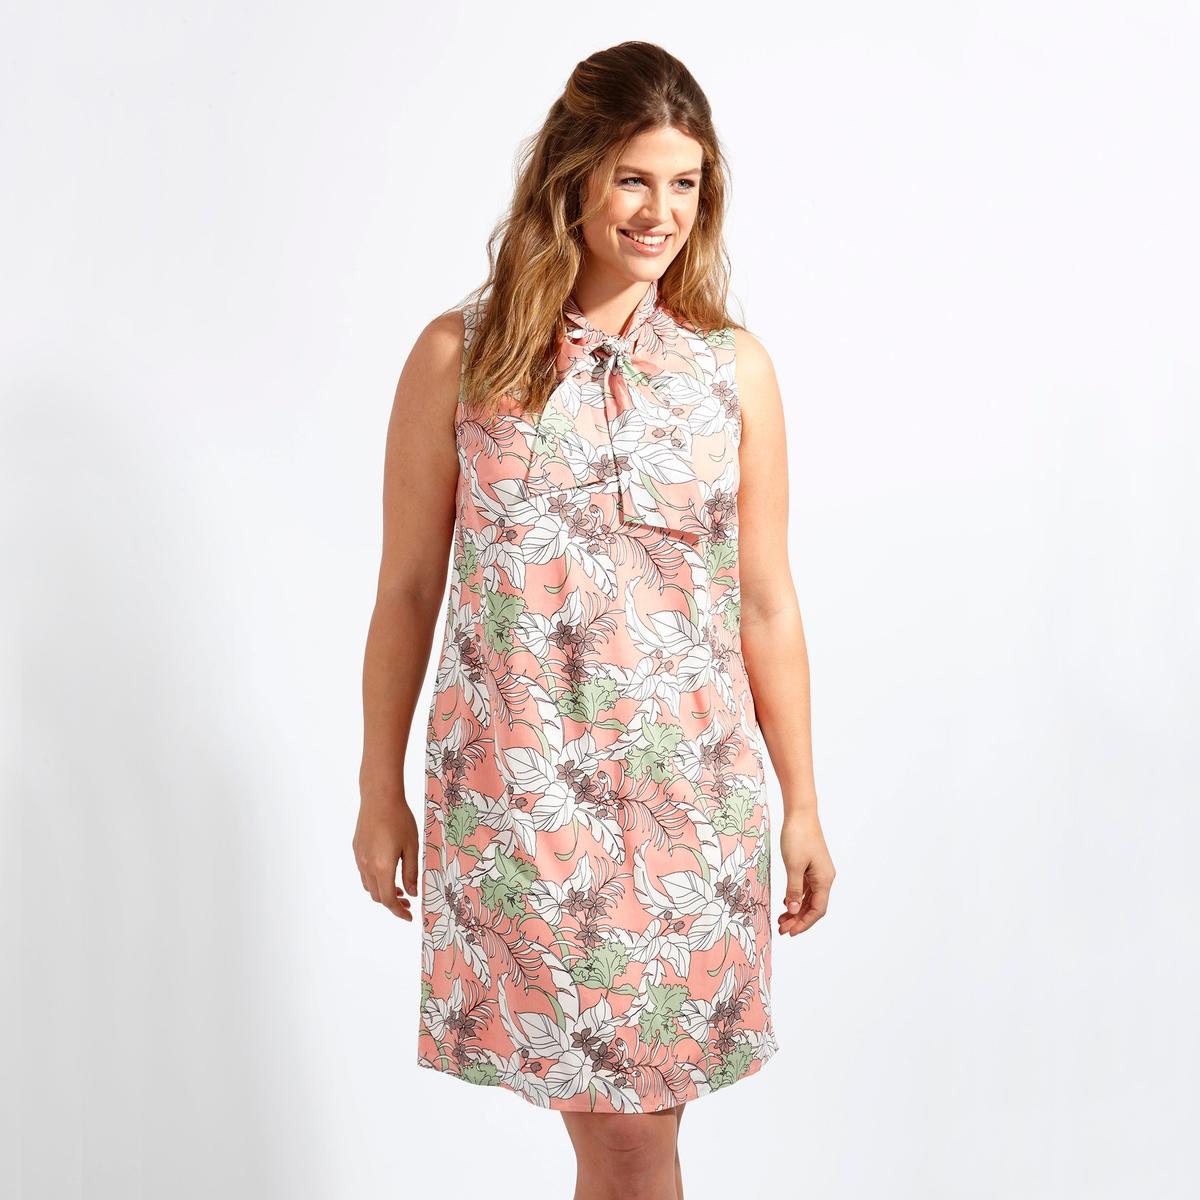 ПлатьеПлатье - KOKO BY KOKO. Симпатичное платье с декольте спереди и вырезом с завязками, идеальное для лета . 100% полиэстер<br><br>Цвет: набивной рисунок<br>Размер: 44 (FR) - 50 (RUS).54/56 (FR) - 60/62 (RUS).46 (FR) - 52 (RUS).48 (FR) - 54 (RUS)